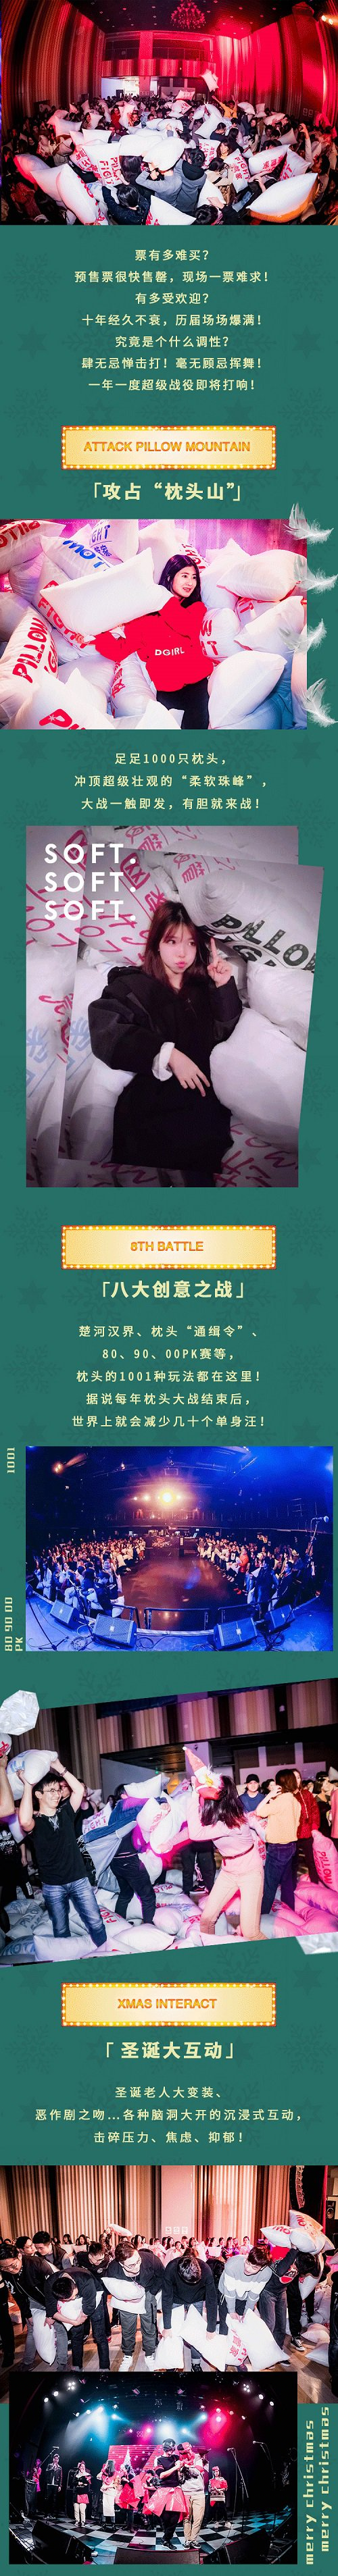 2019武汉圣诞节平安夜超级枕头大战全攻略(时间+地点+门票)